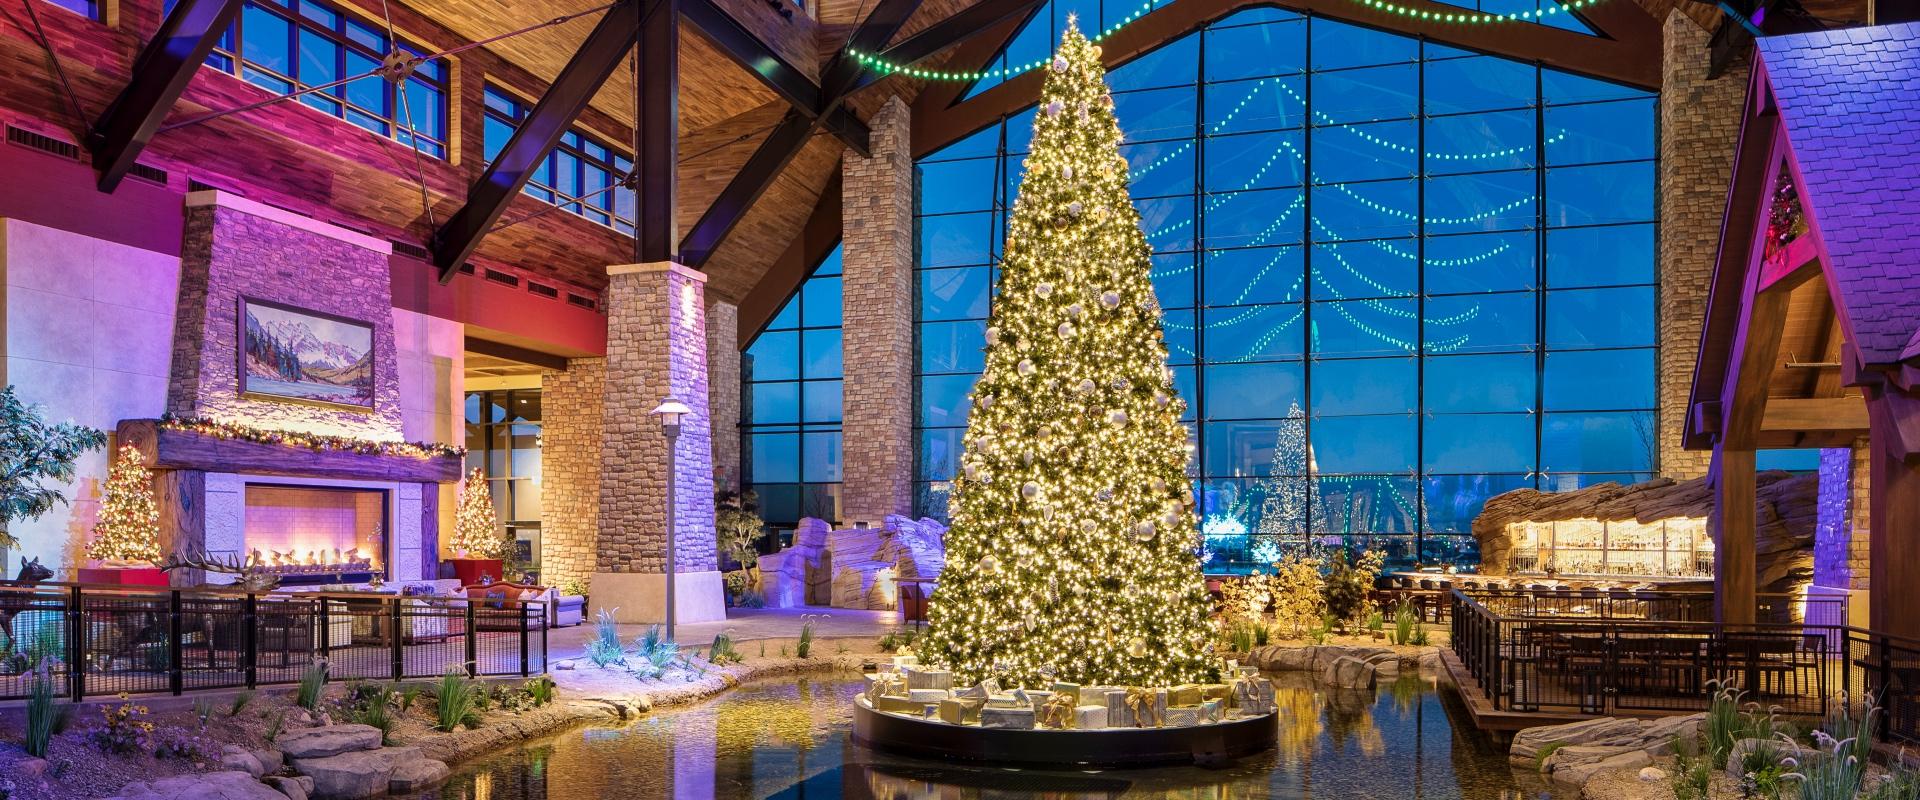 Christmas at the Gaylord Rockies